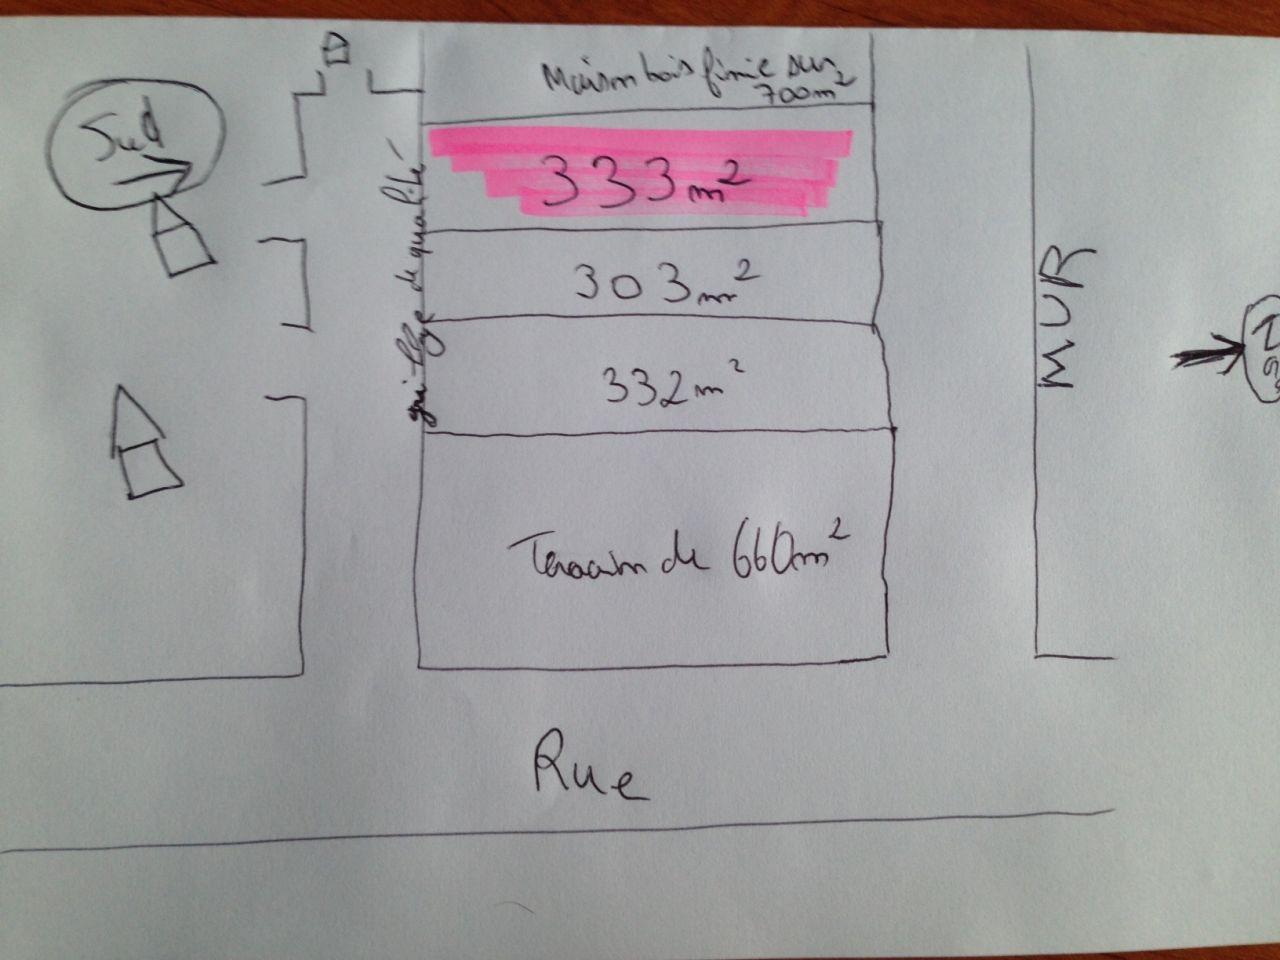 Terrain en repérage (surlignage rose) visite demain avec le constructeur.